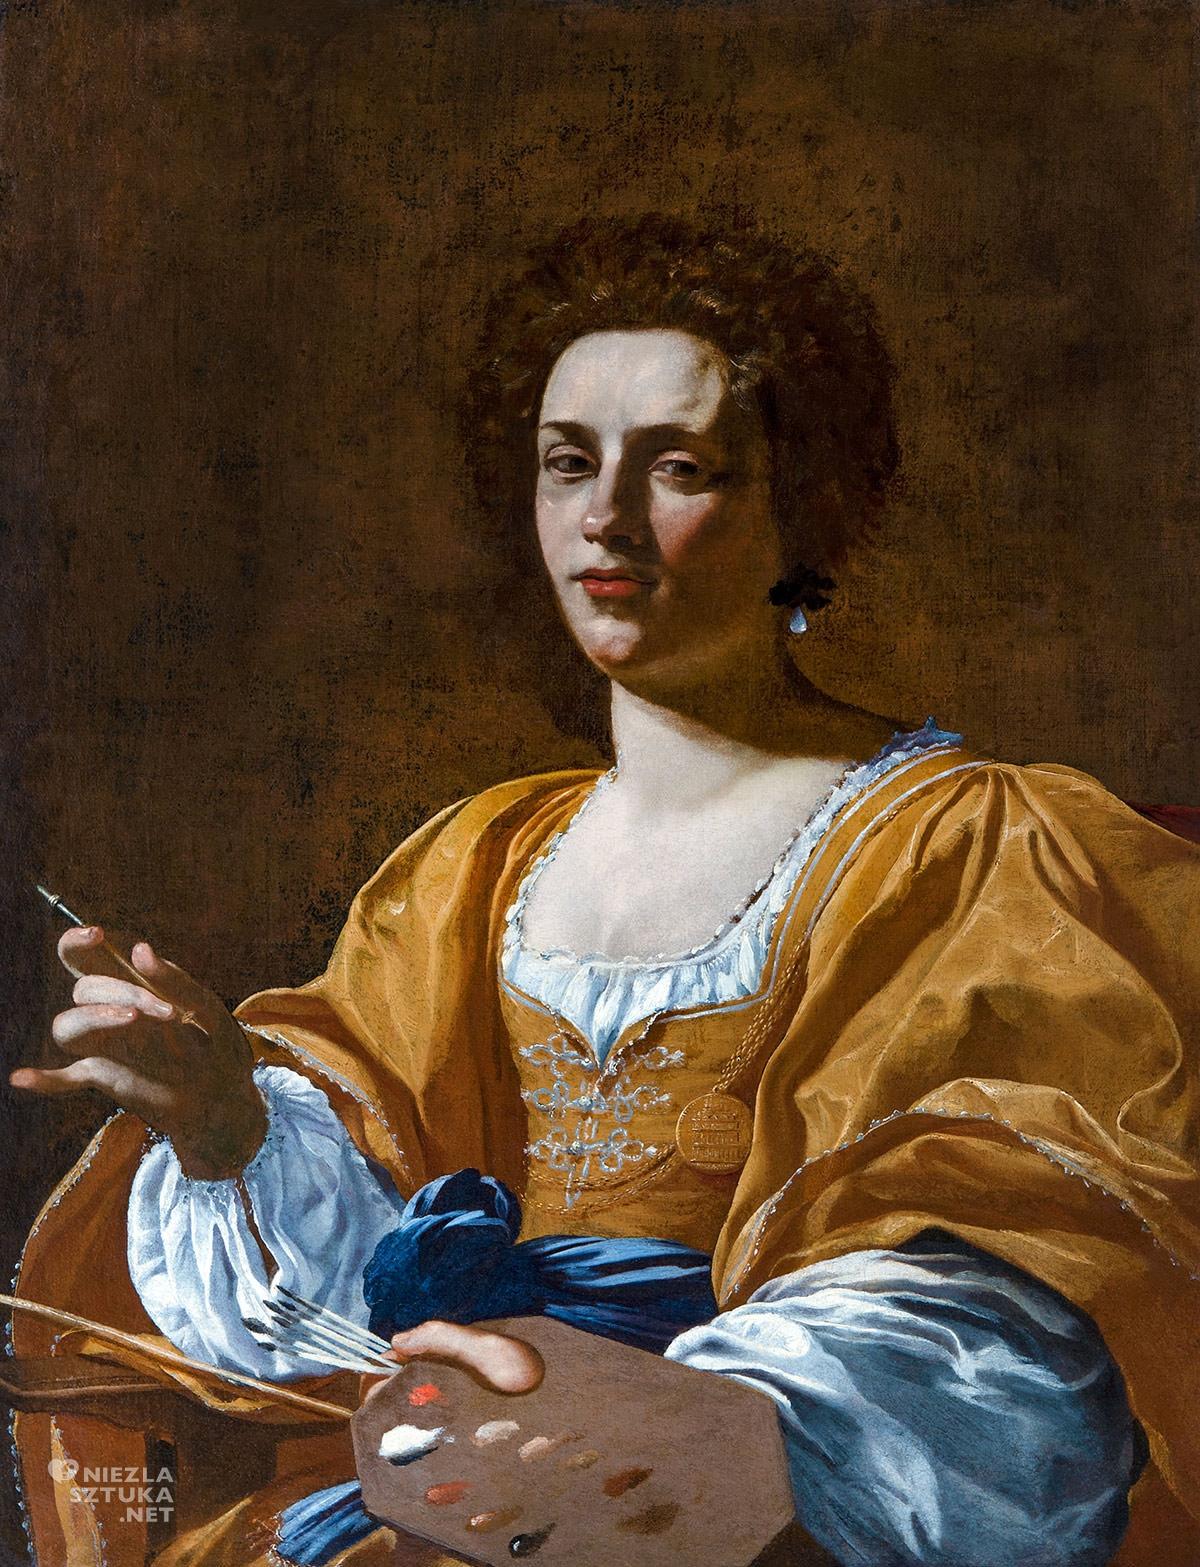 Simon Vouet, Portret Artemisii Gentileschi, Artemisia Gentileschi, portret kobiecy, malarstwo barokowe, Niezła Sztuka